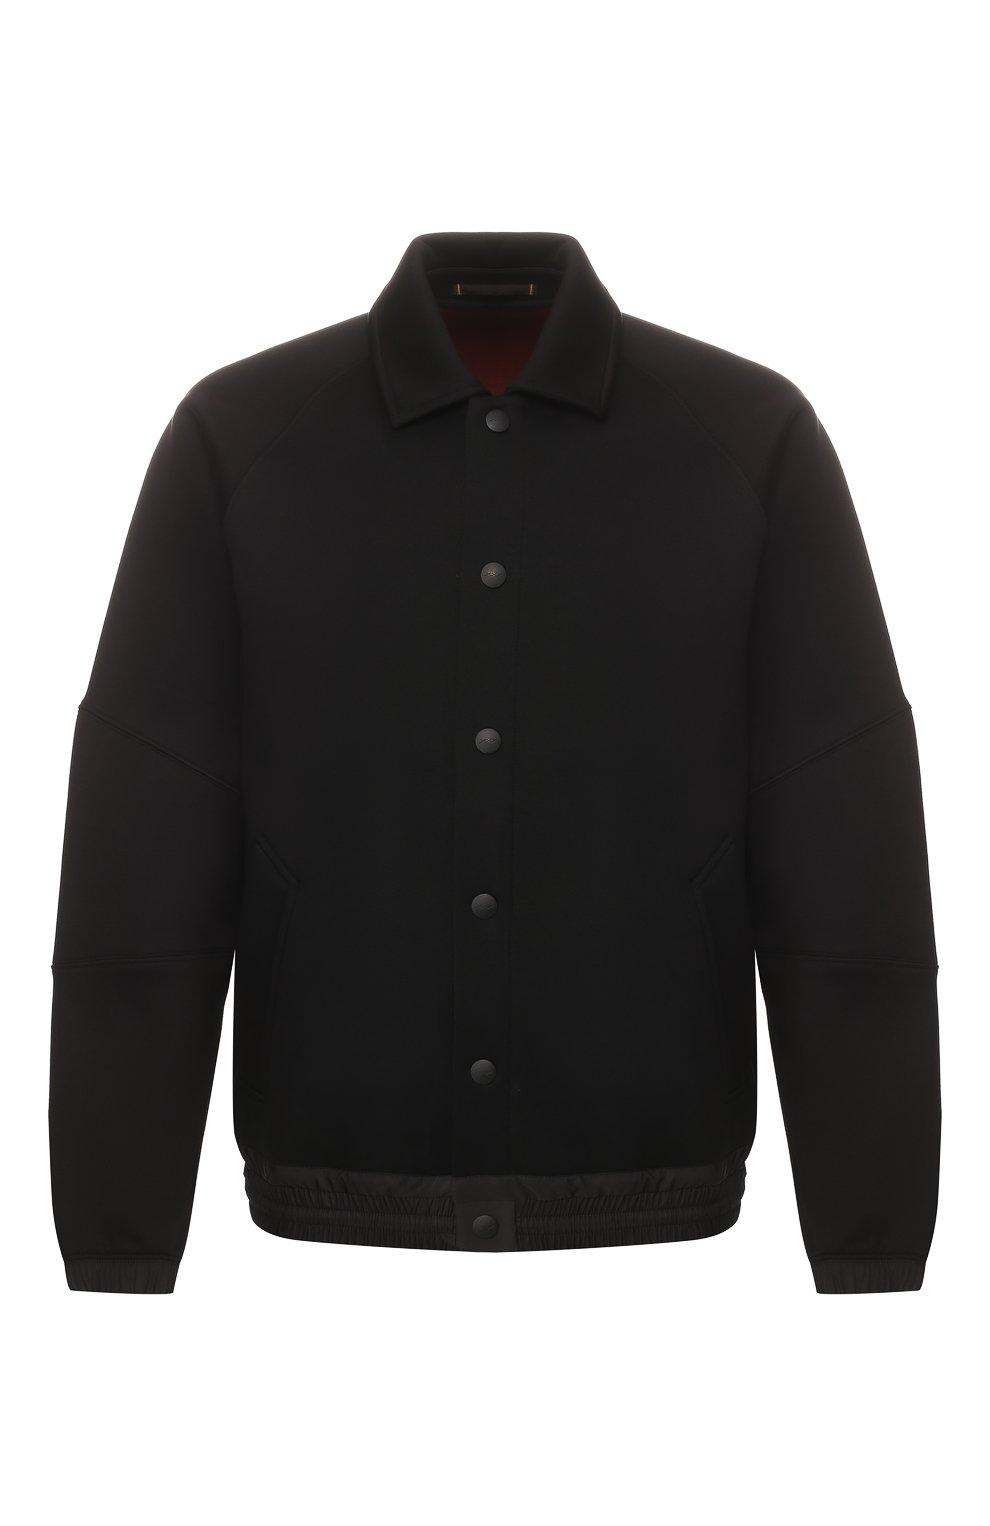 Мужской бомбер ZEGNA COUTURE черного цвета, арт. CUCJ01/7UJ60   Фото 1 (Кросс-КТ: Куртка; Рукава: Длинные; Принт: Без принта; Материал внешний: Синтетический материал, Хлопок; Мужское Кросс-КТ: Верхняя одежда; Длина (верхняя одежда): Короткие; Стили: Кэжуэл)